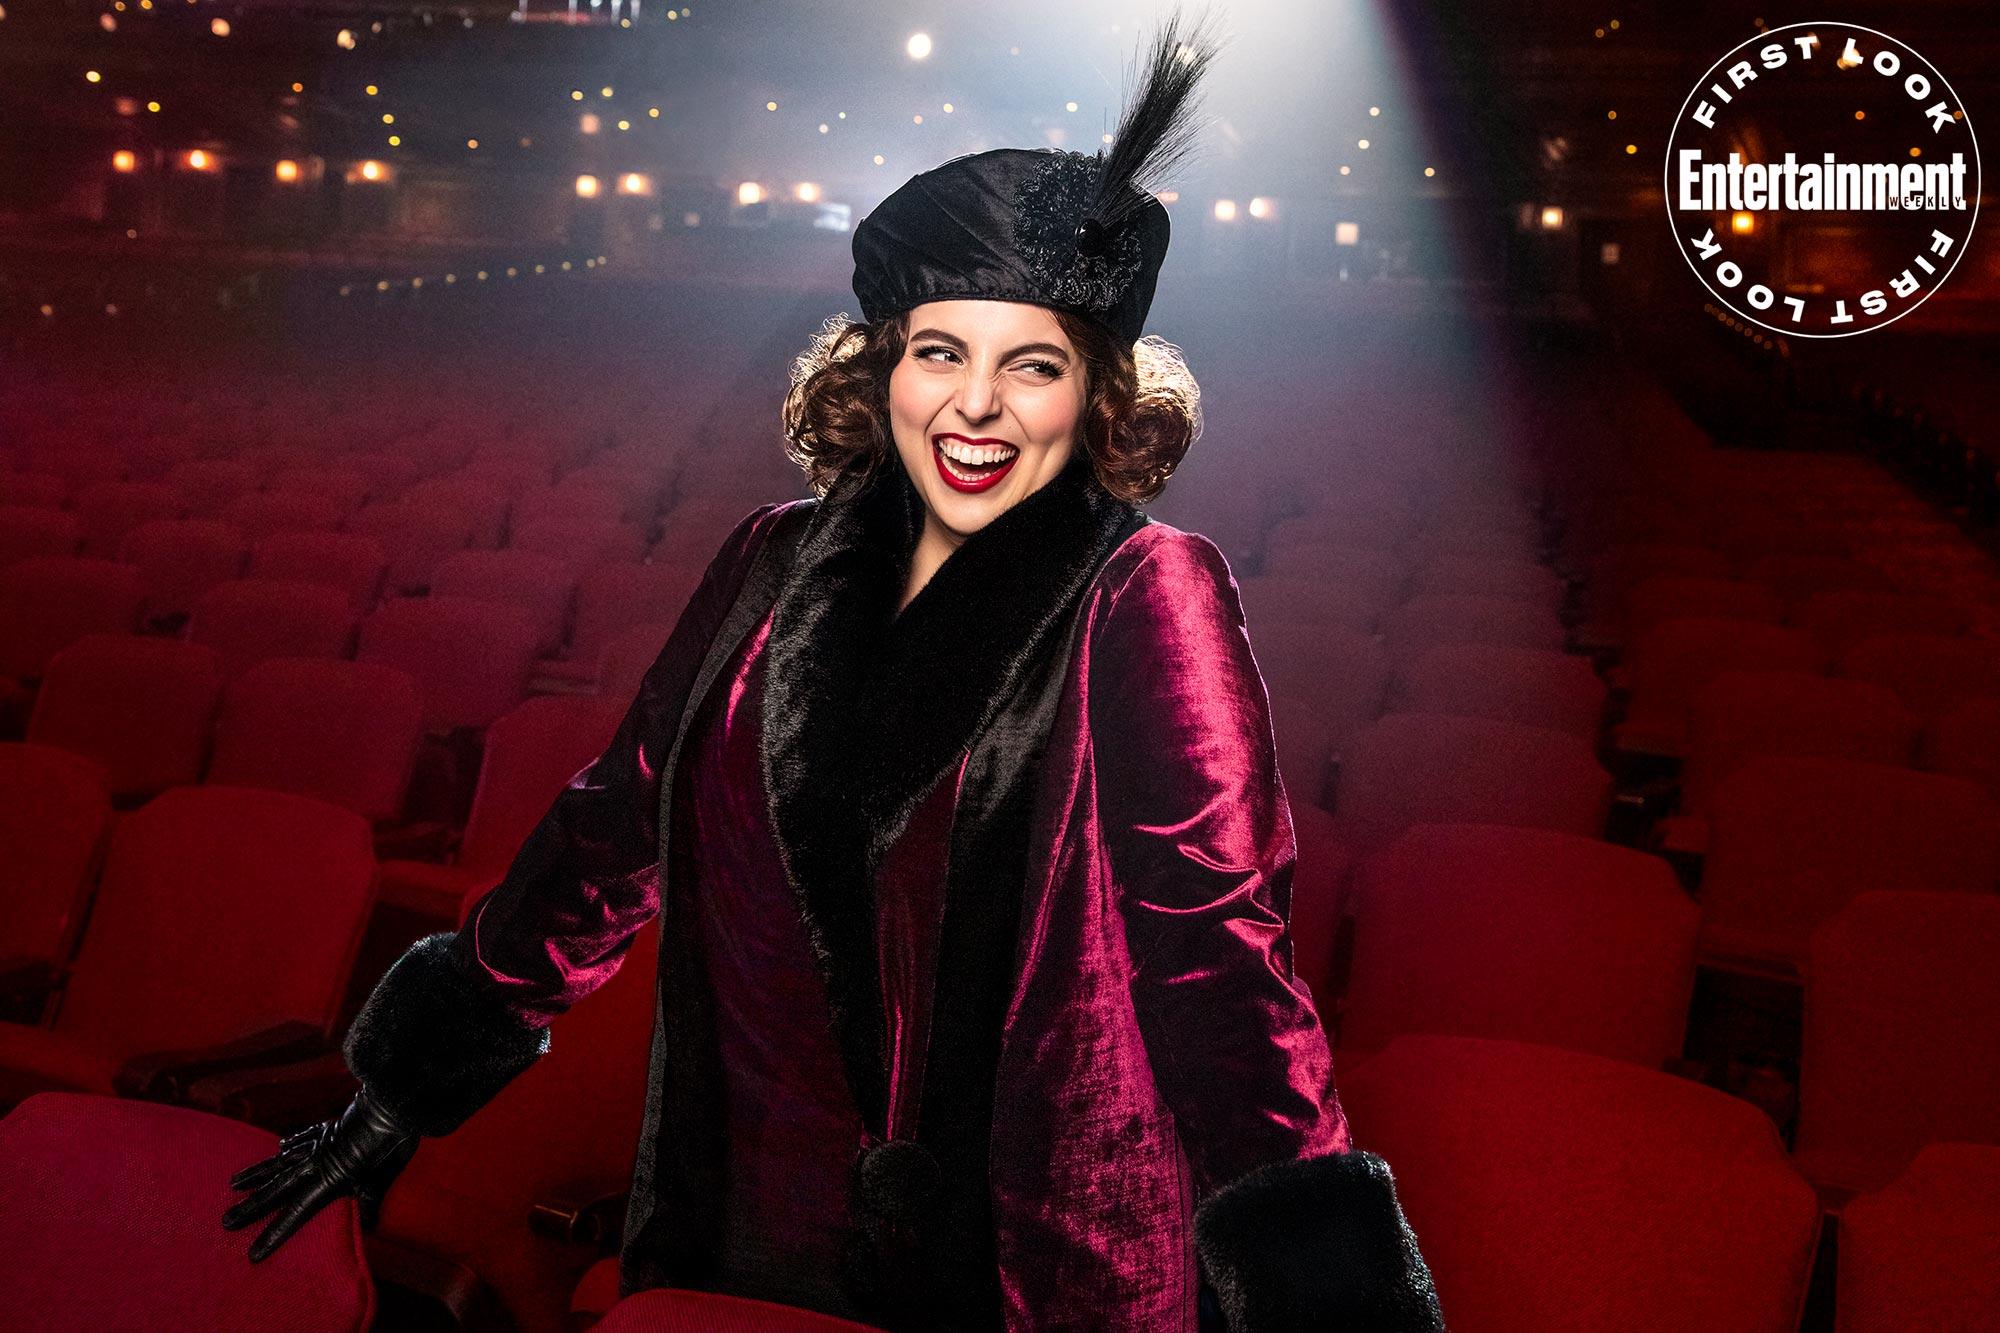 Funny Girl on Broadway Beanie Feldstein cr: Matthew Murphy